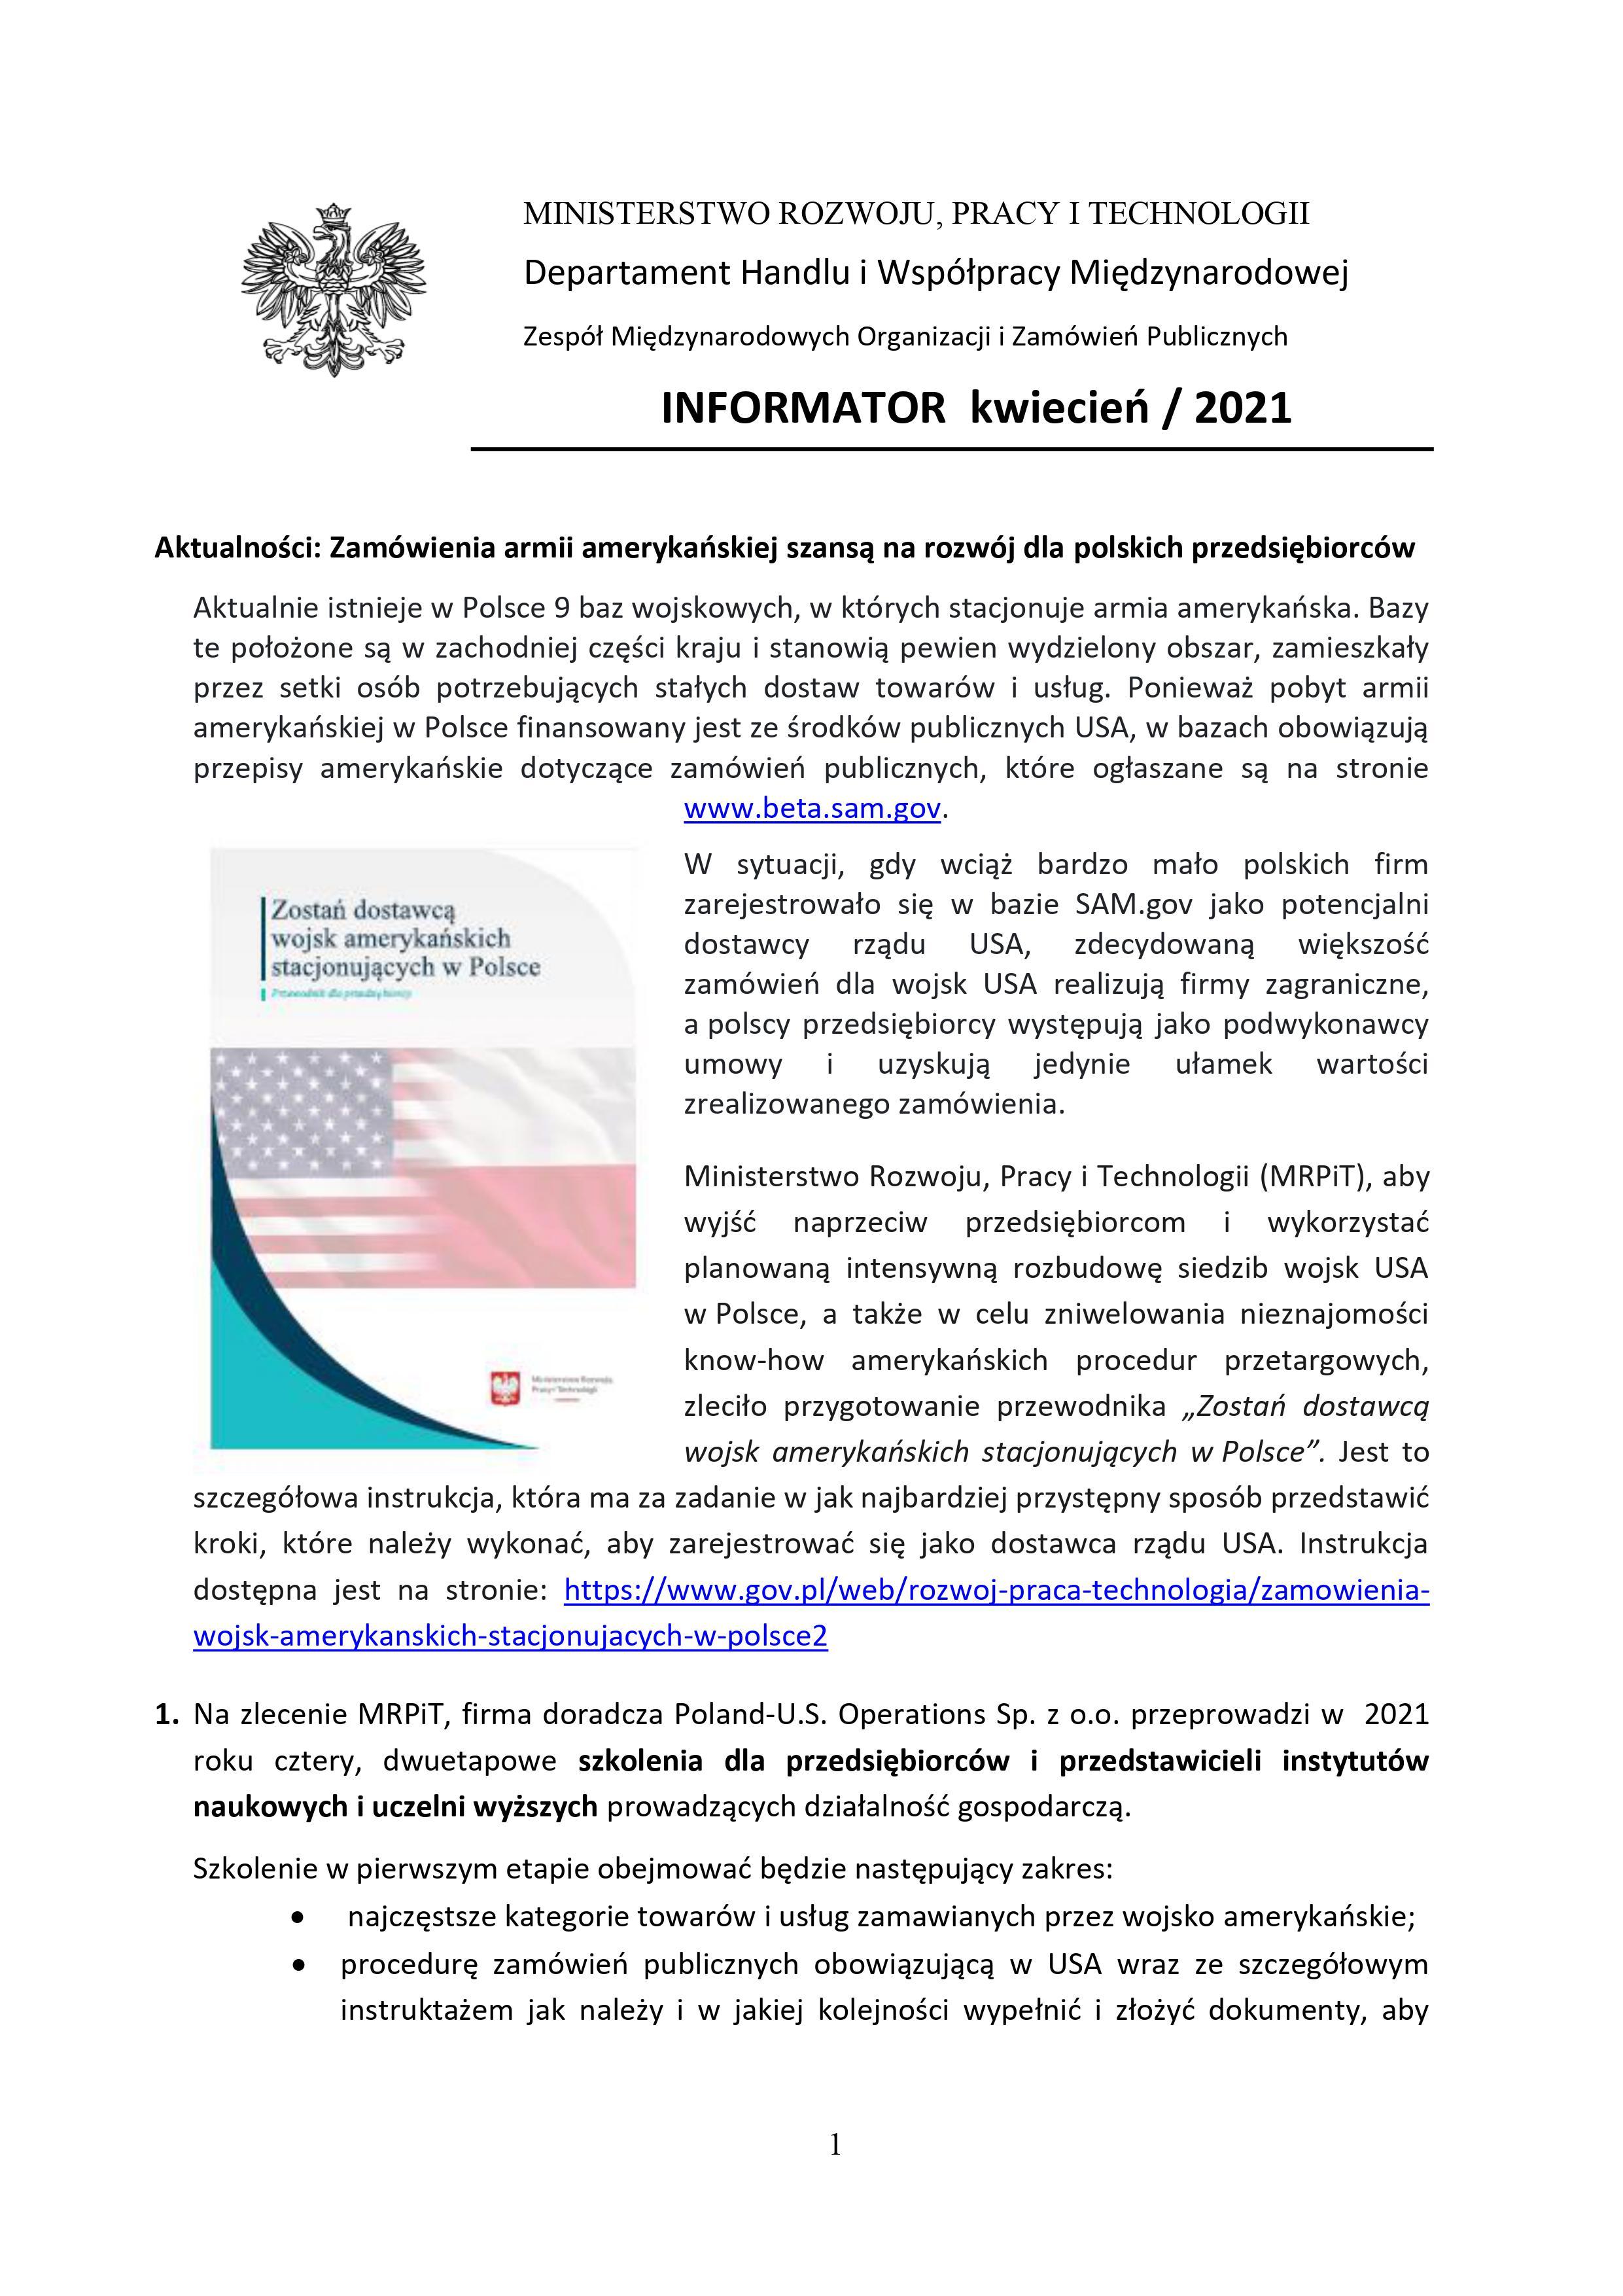 Informator 1 - kwiecien 2021 0001